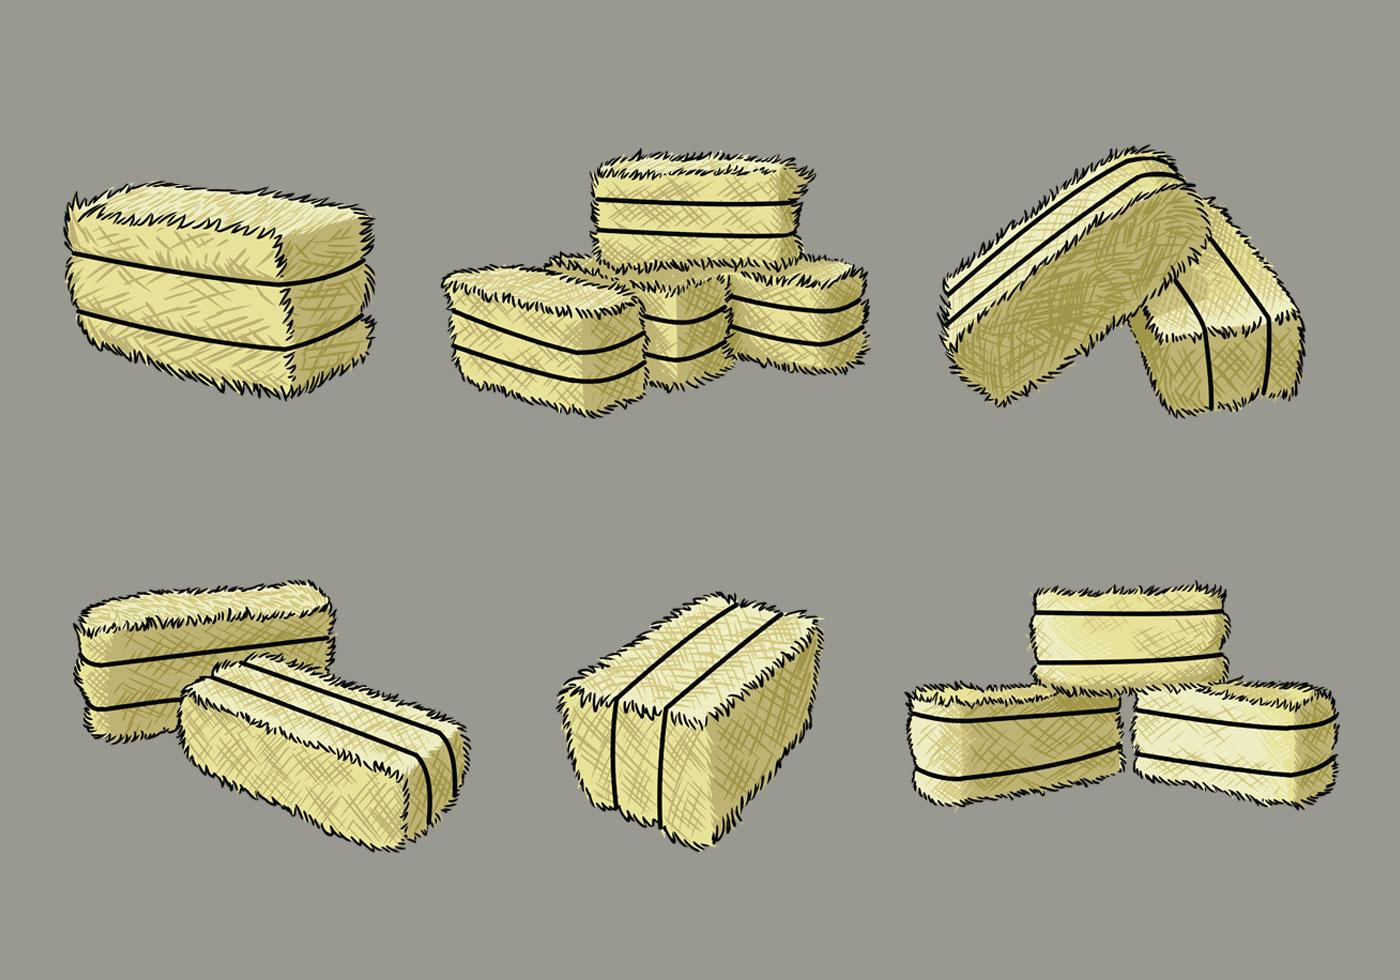 Hay Bale Clip Art : Hay bale vectors download free vector art stock